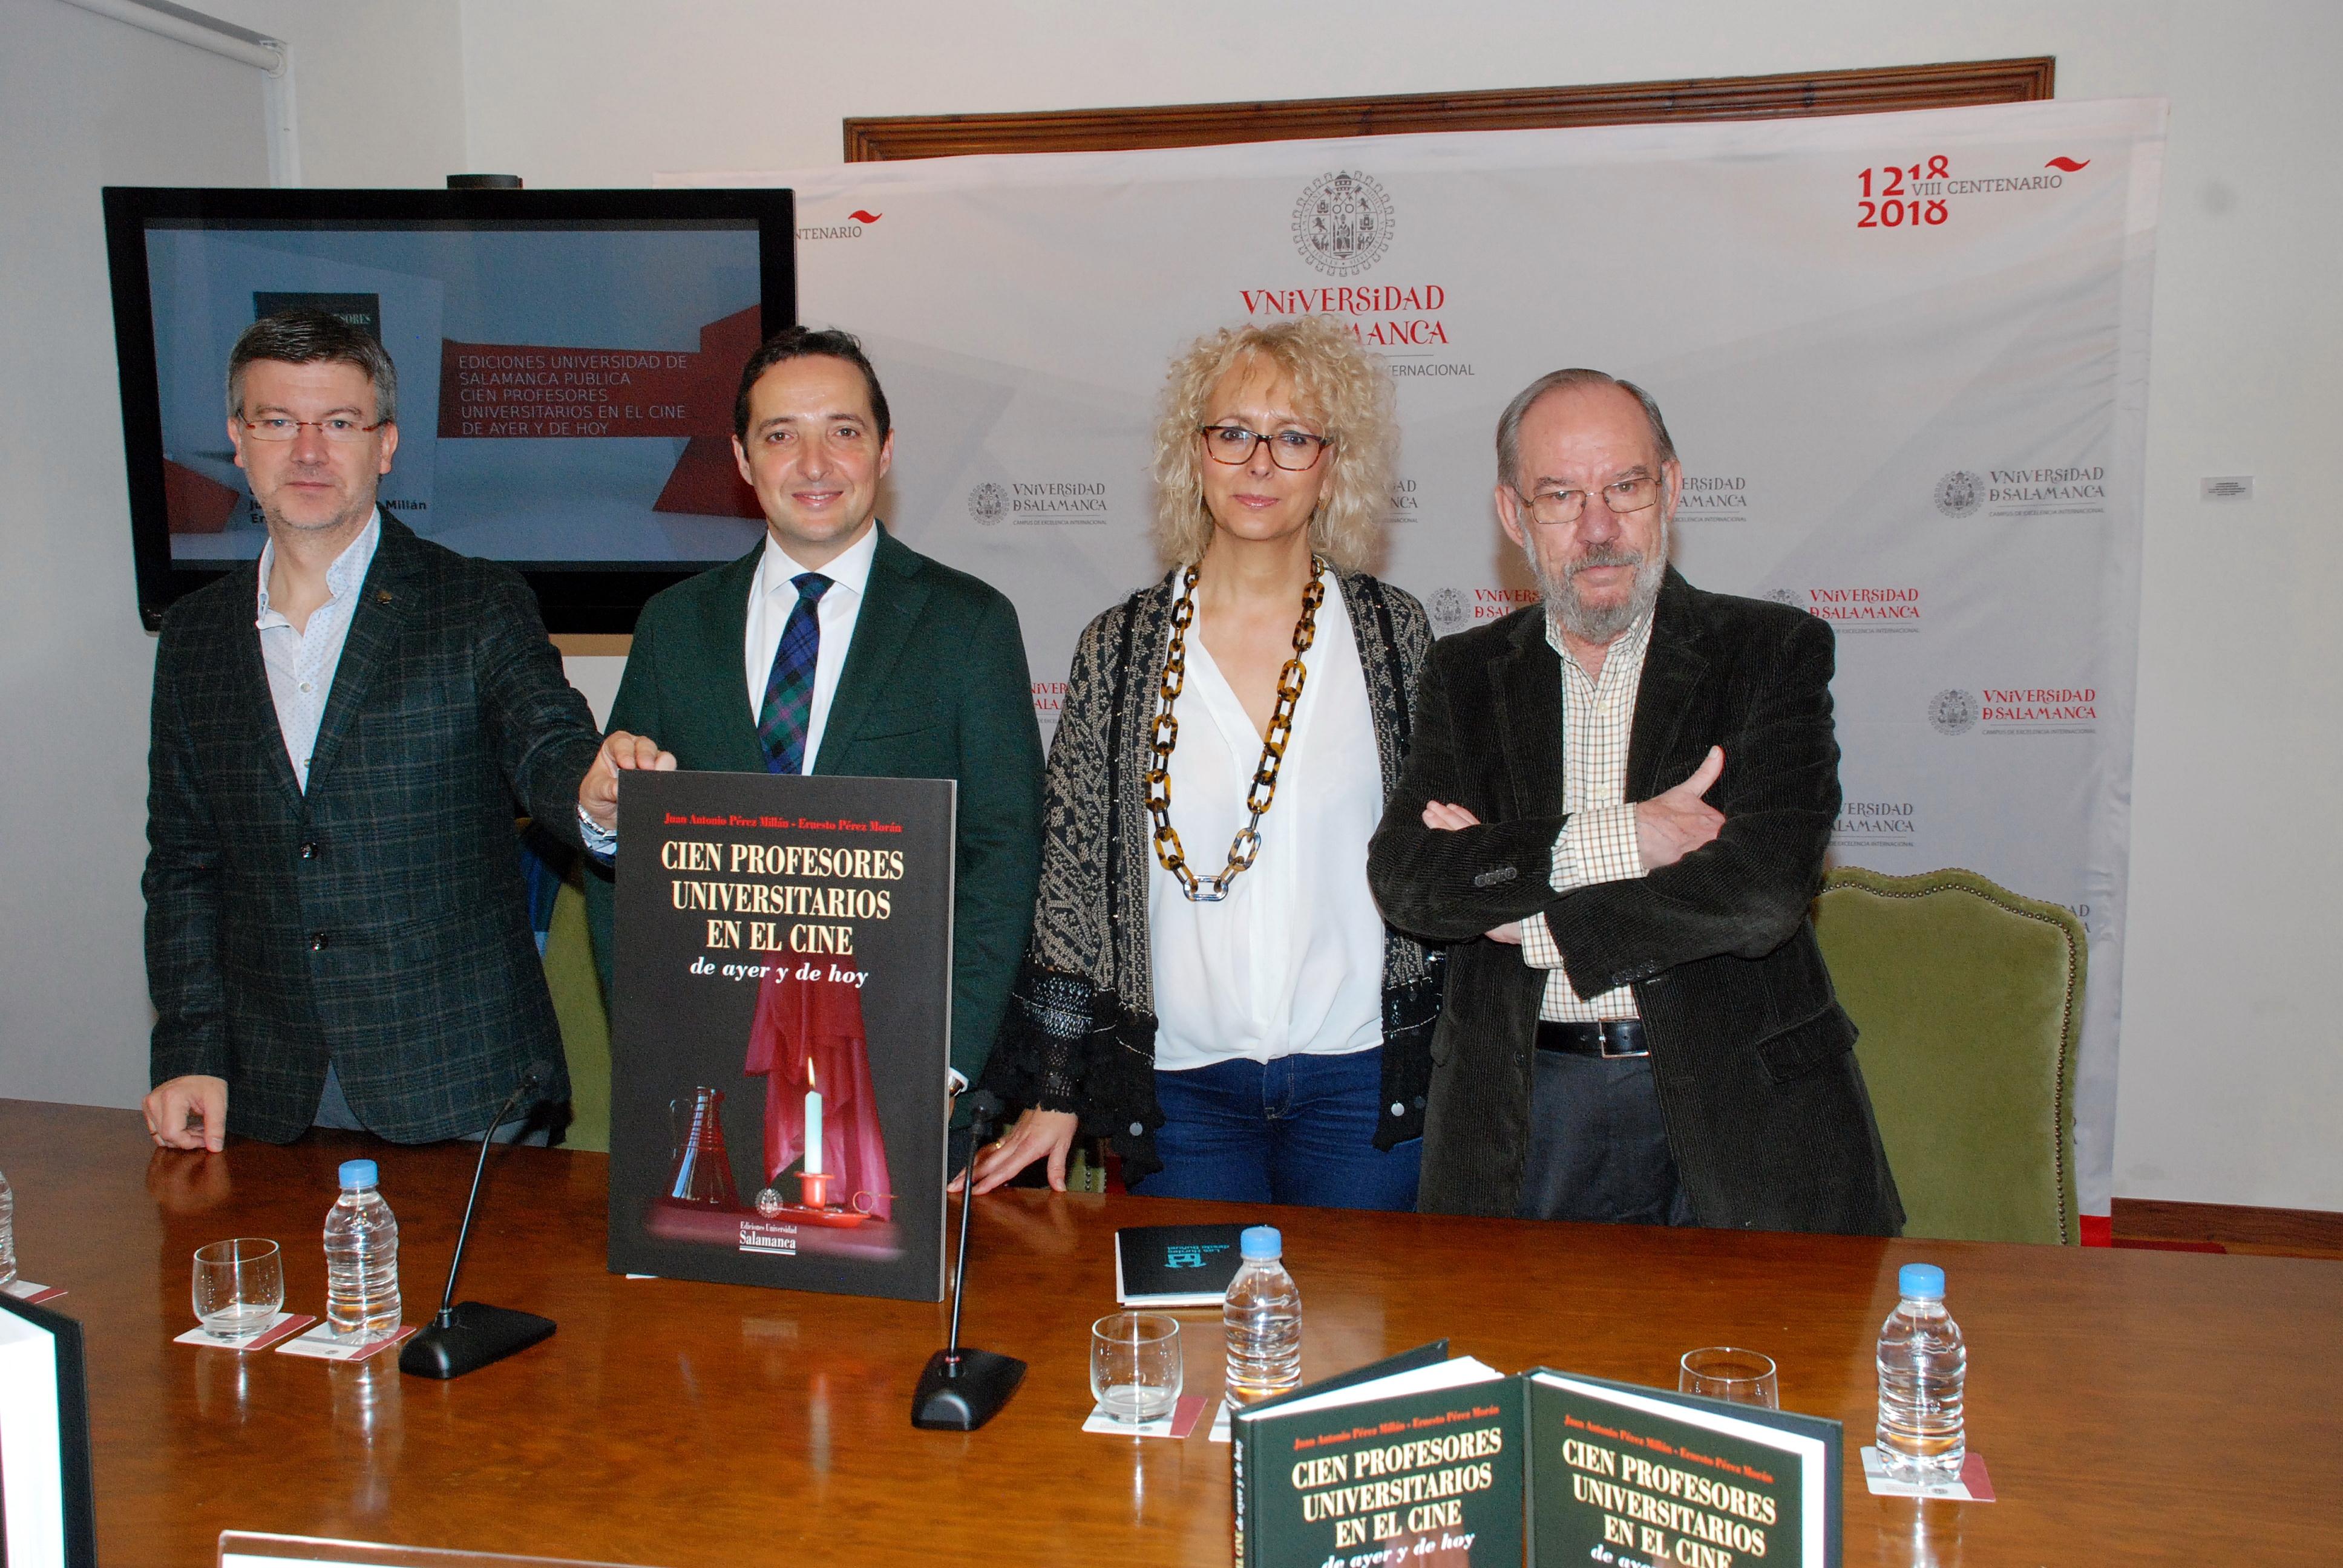 Ediciones Universidad de Salamanca reúne por primera vez en un libro 100 películas, realizadas durante 100 años, sobre la figura del profesor universitario